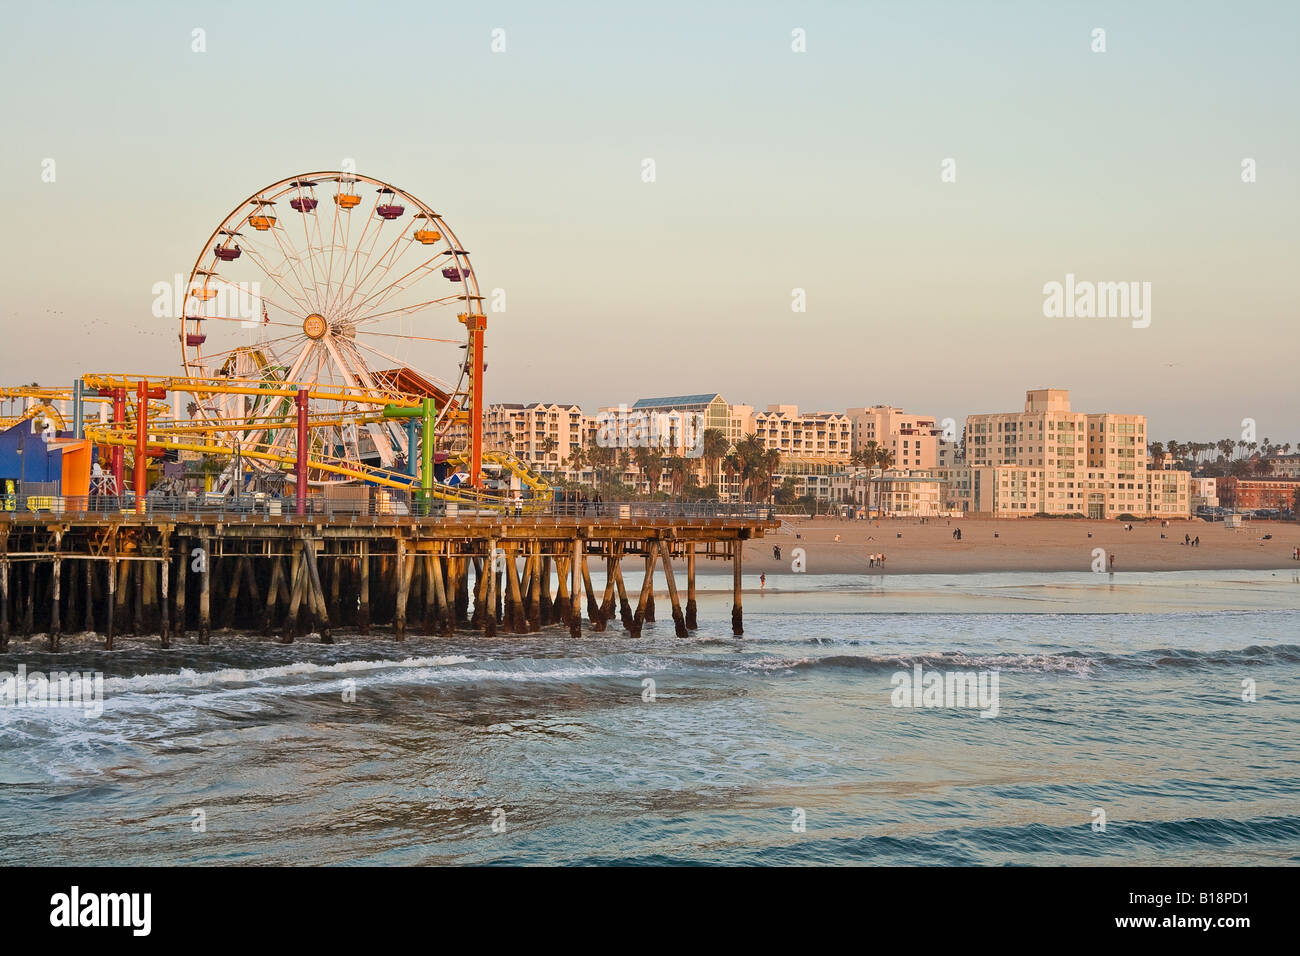 Santa Monica Pier e la spiaggia con la ruota panoramica Ferris, Santa Monica, California, Stati Uniti d'America. Foto Stock